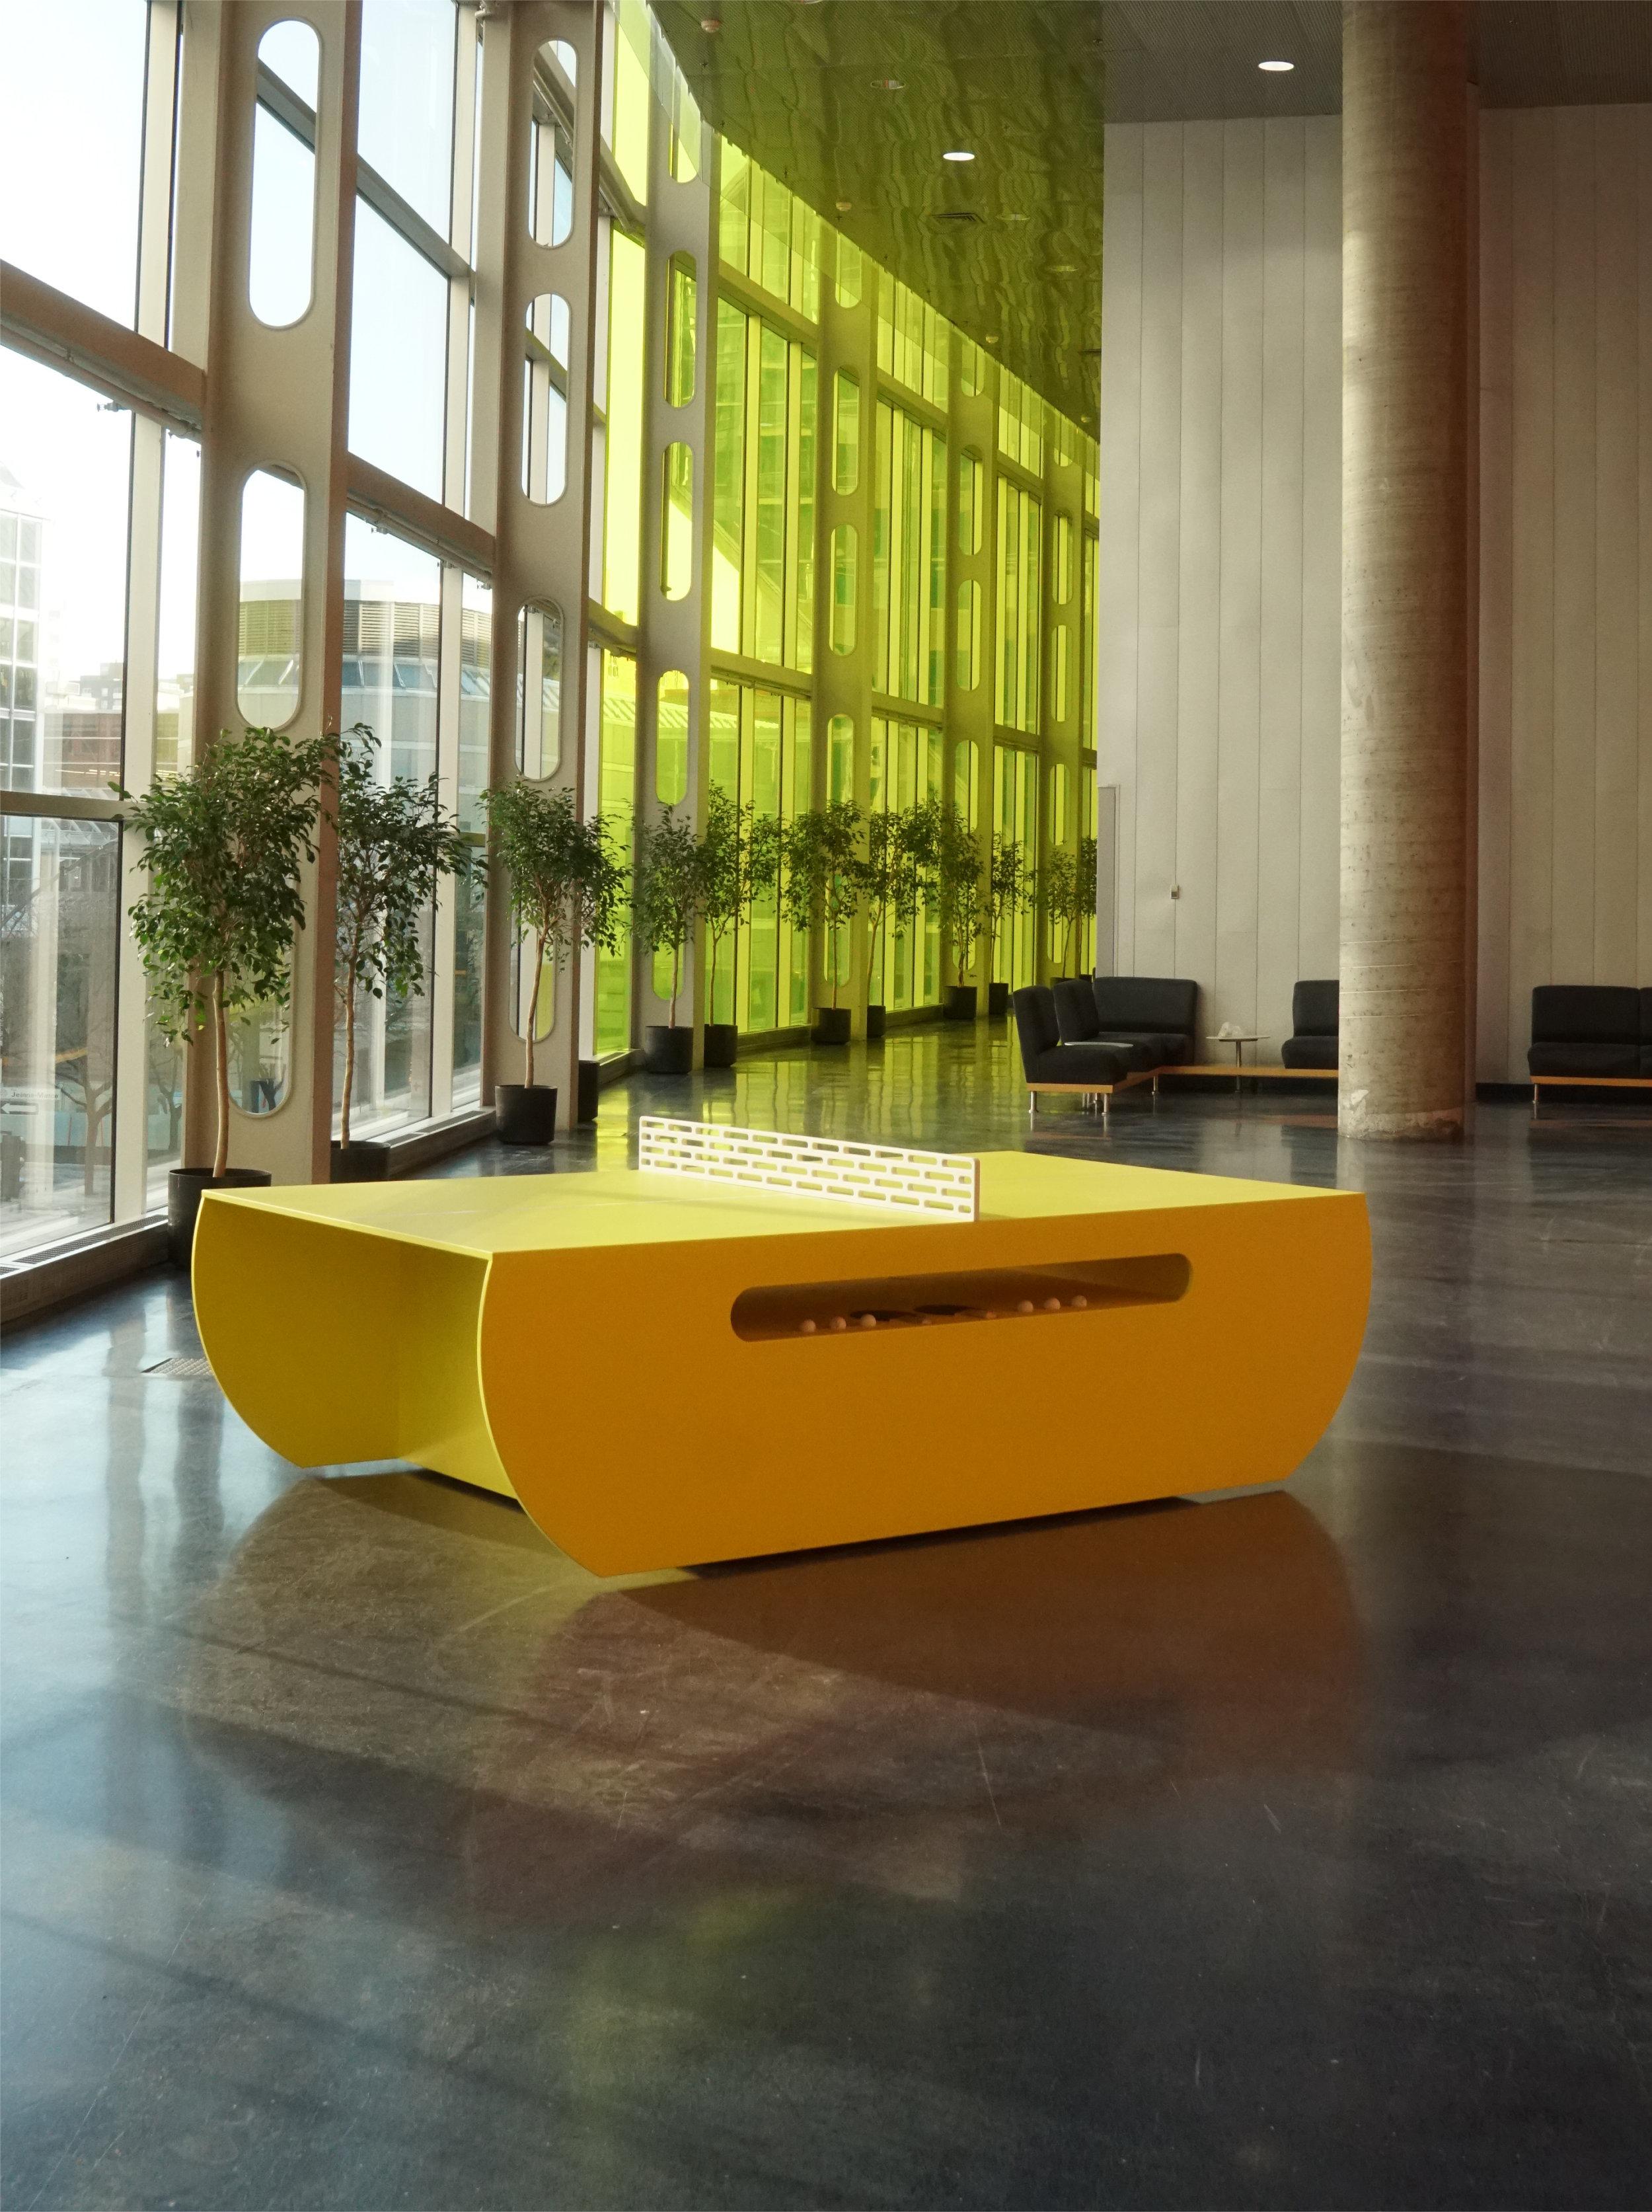 LABODECO+TABLE+PING+PONG+PALAIS+02.jpg